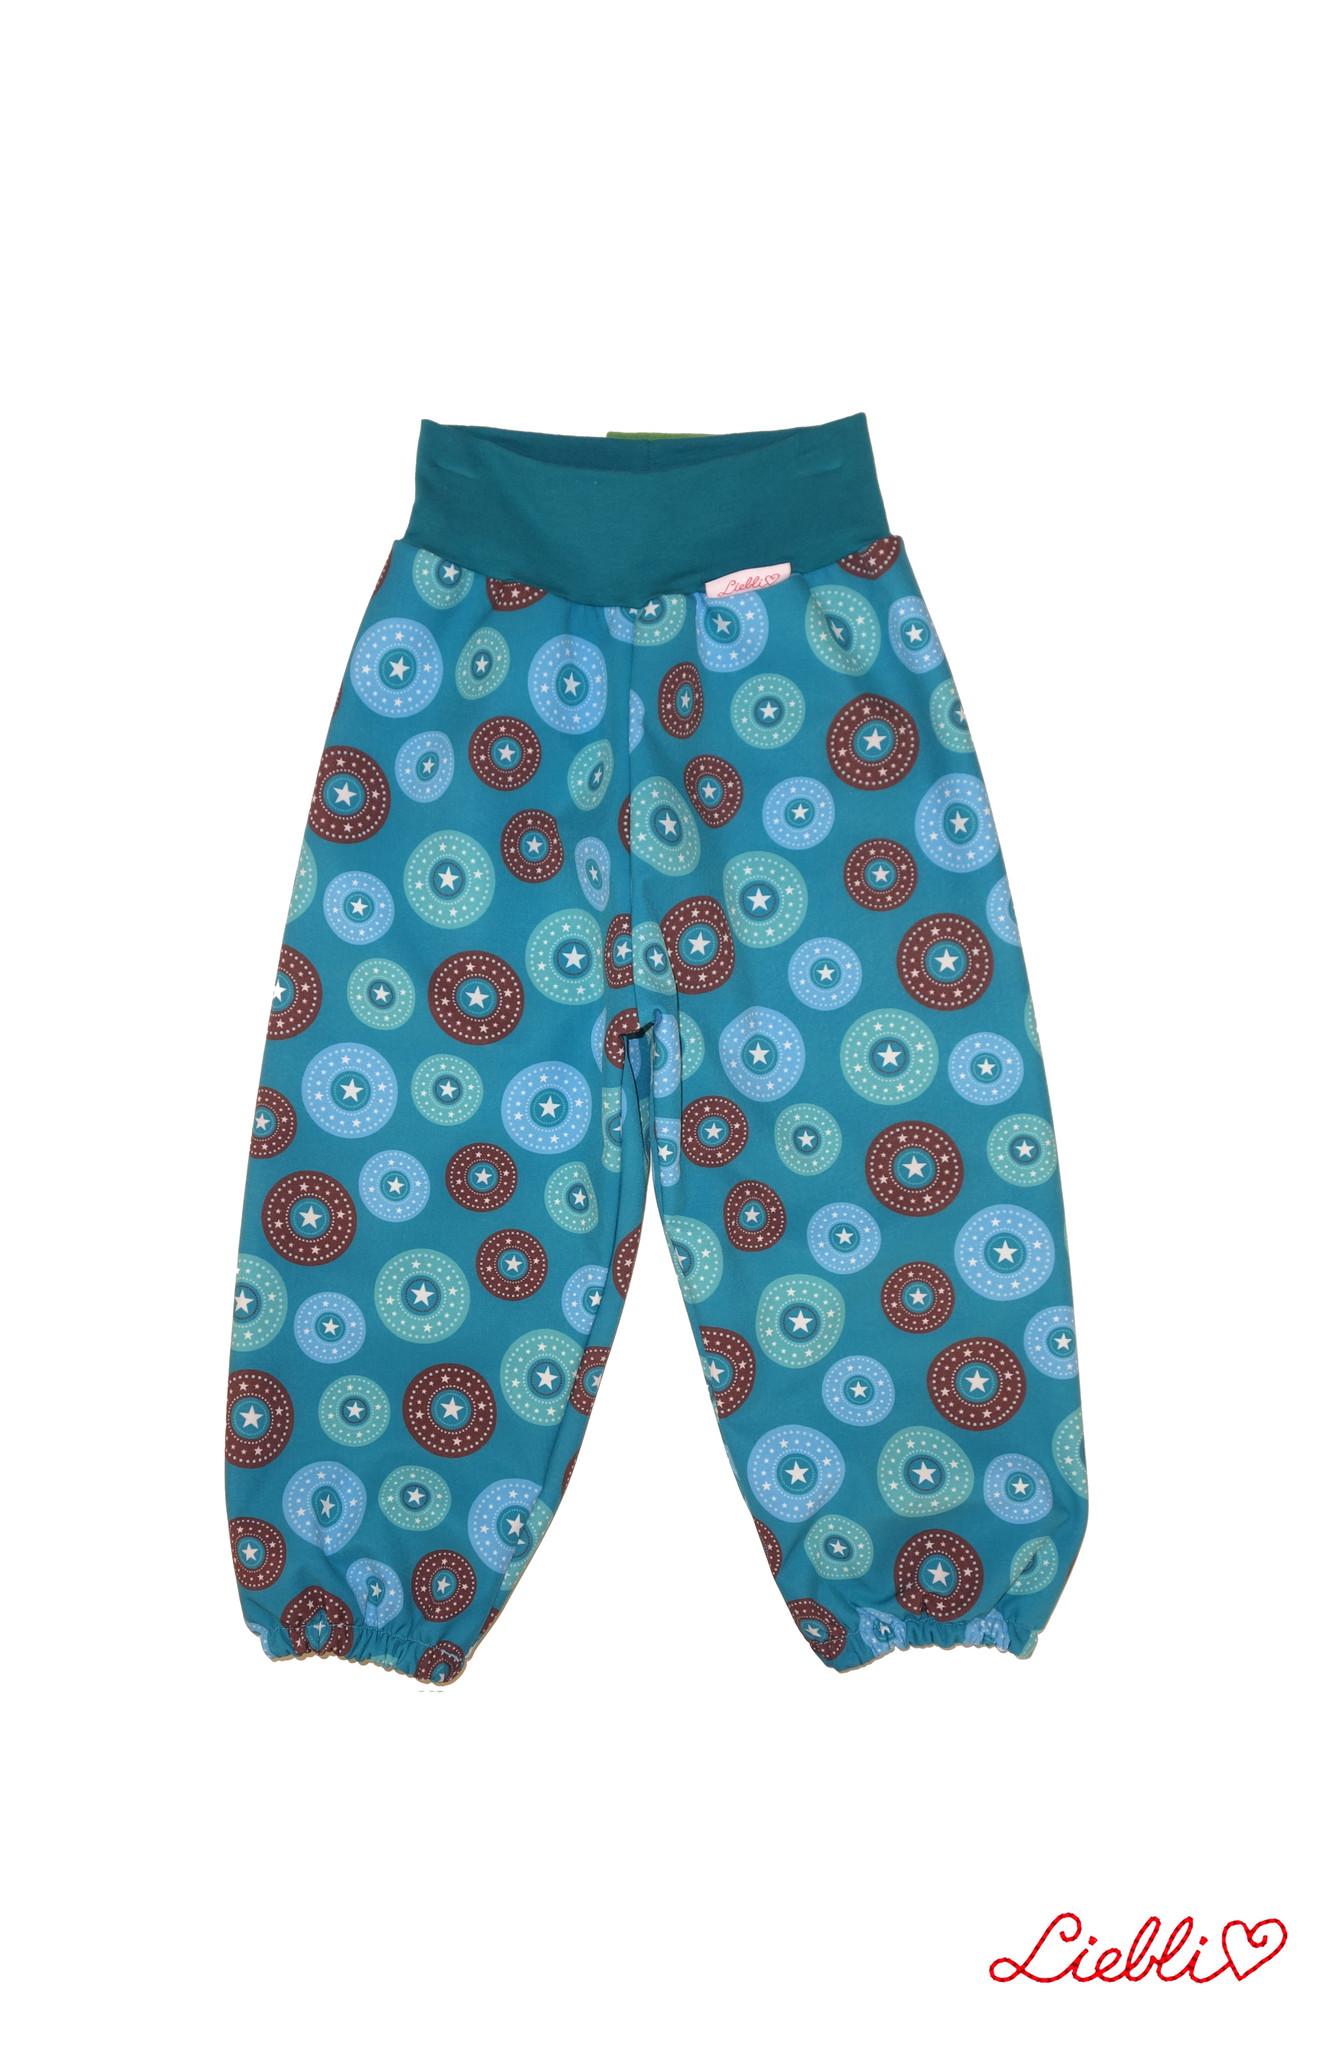 Softshell Hose für Kinder, Outdoor Hose, Regenhose petrol Sterne